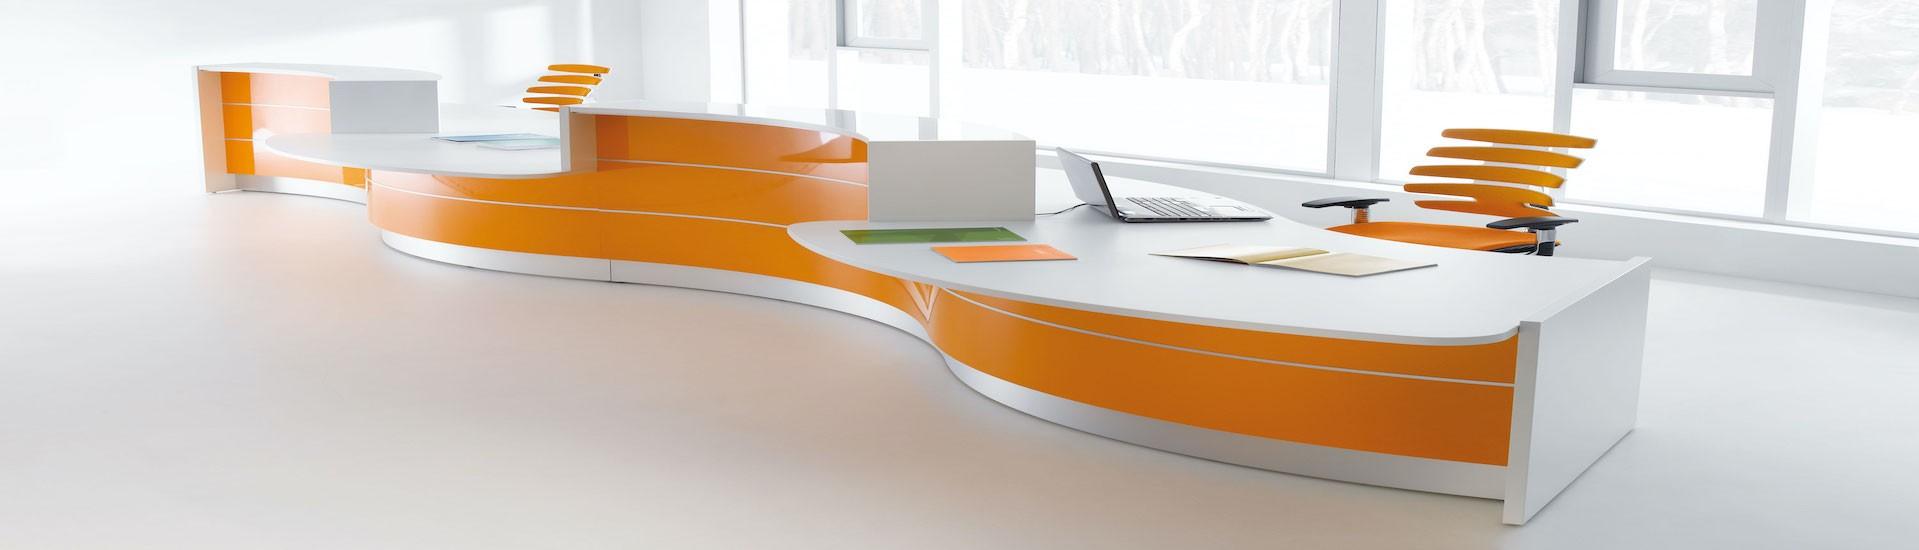 Fabrication de mobilier sur mesure adapté à vos besoins